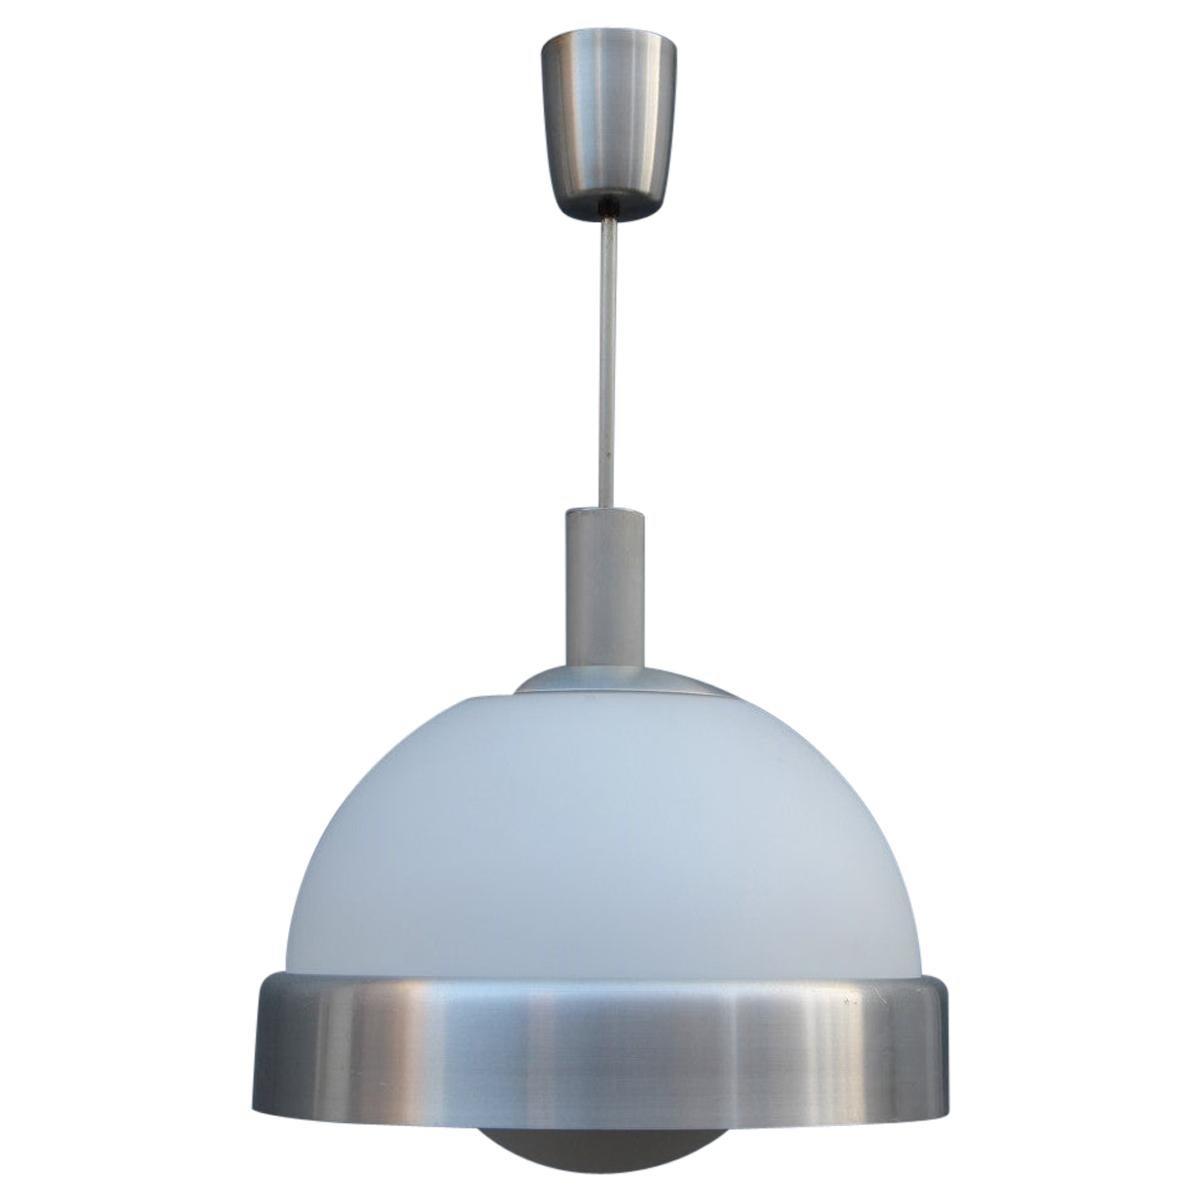 Pia Guidetti Crippa Chandelier for Lumi Milano 1970s Italian Design White Glass